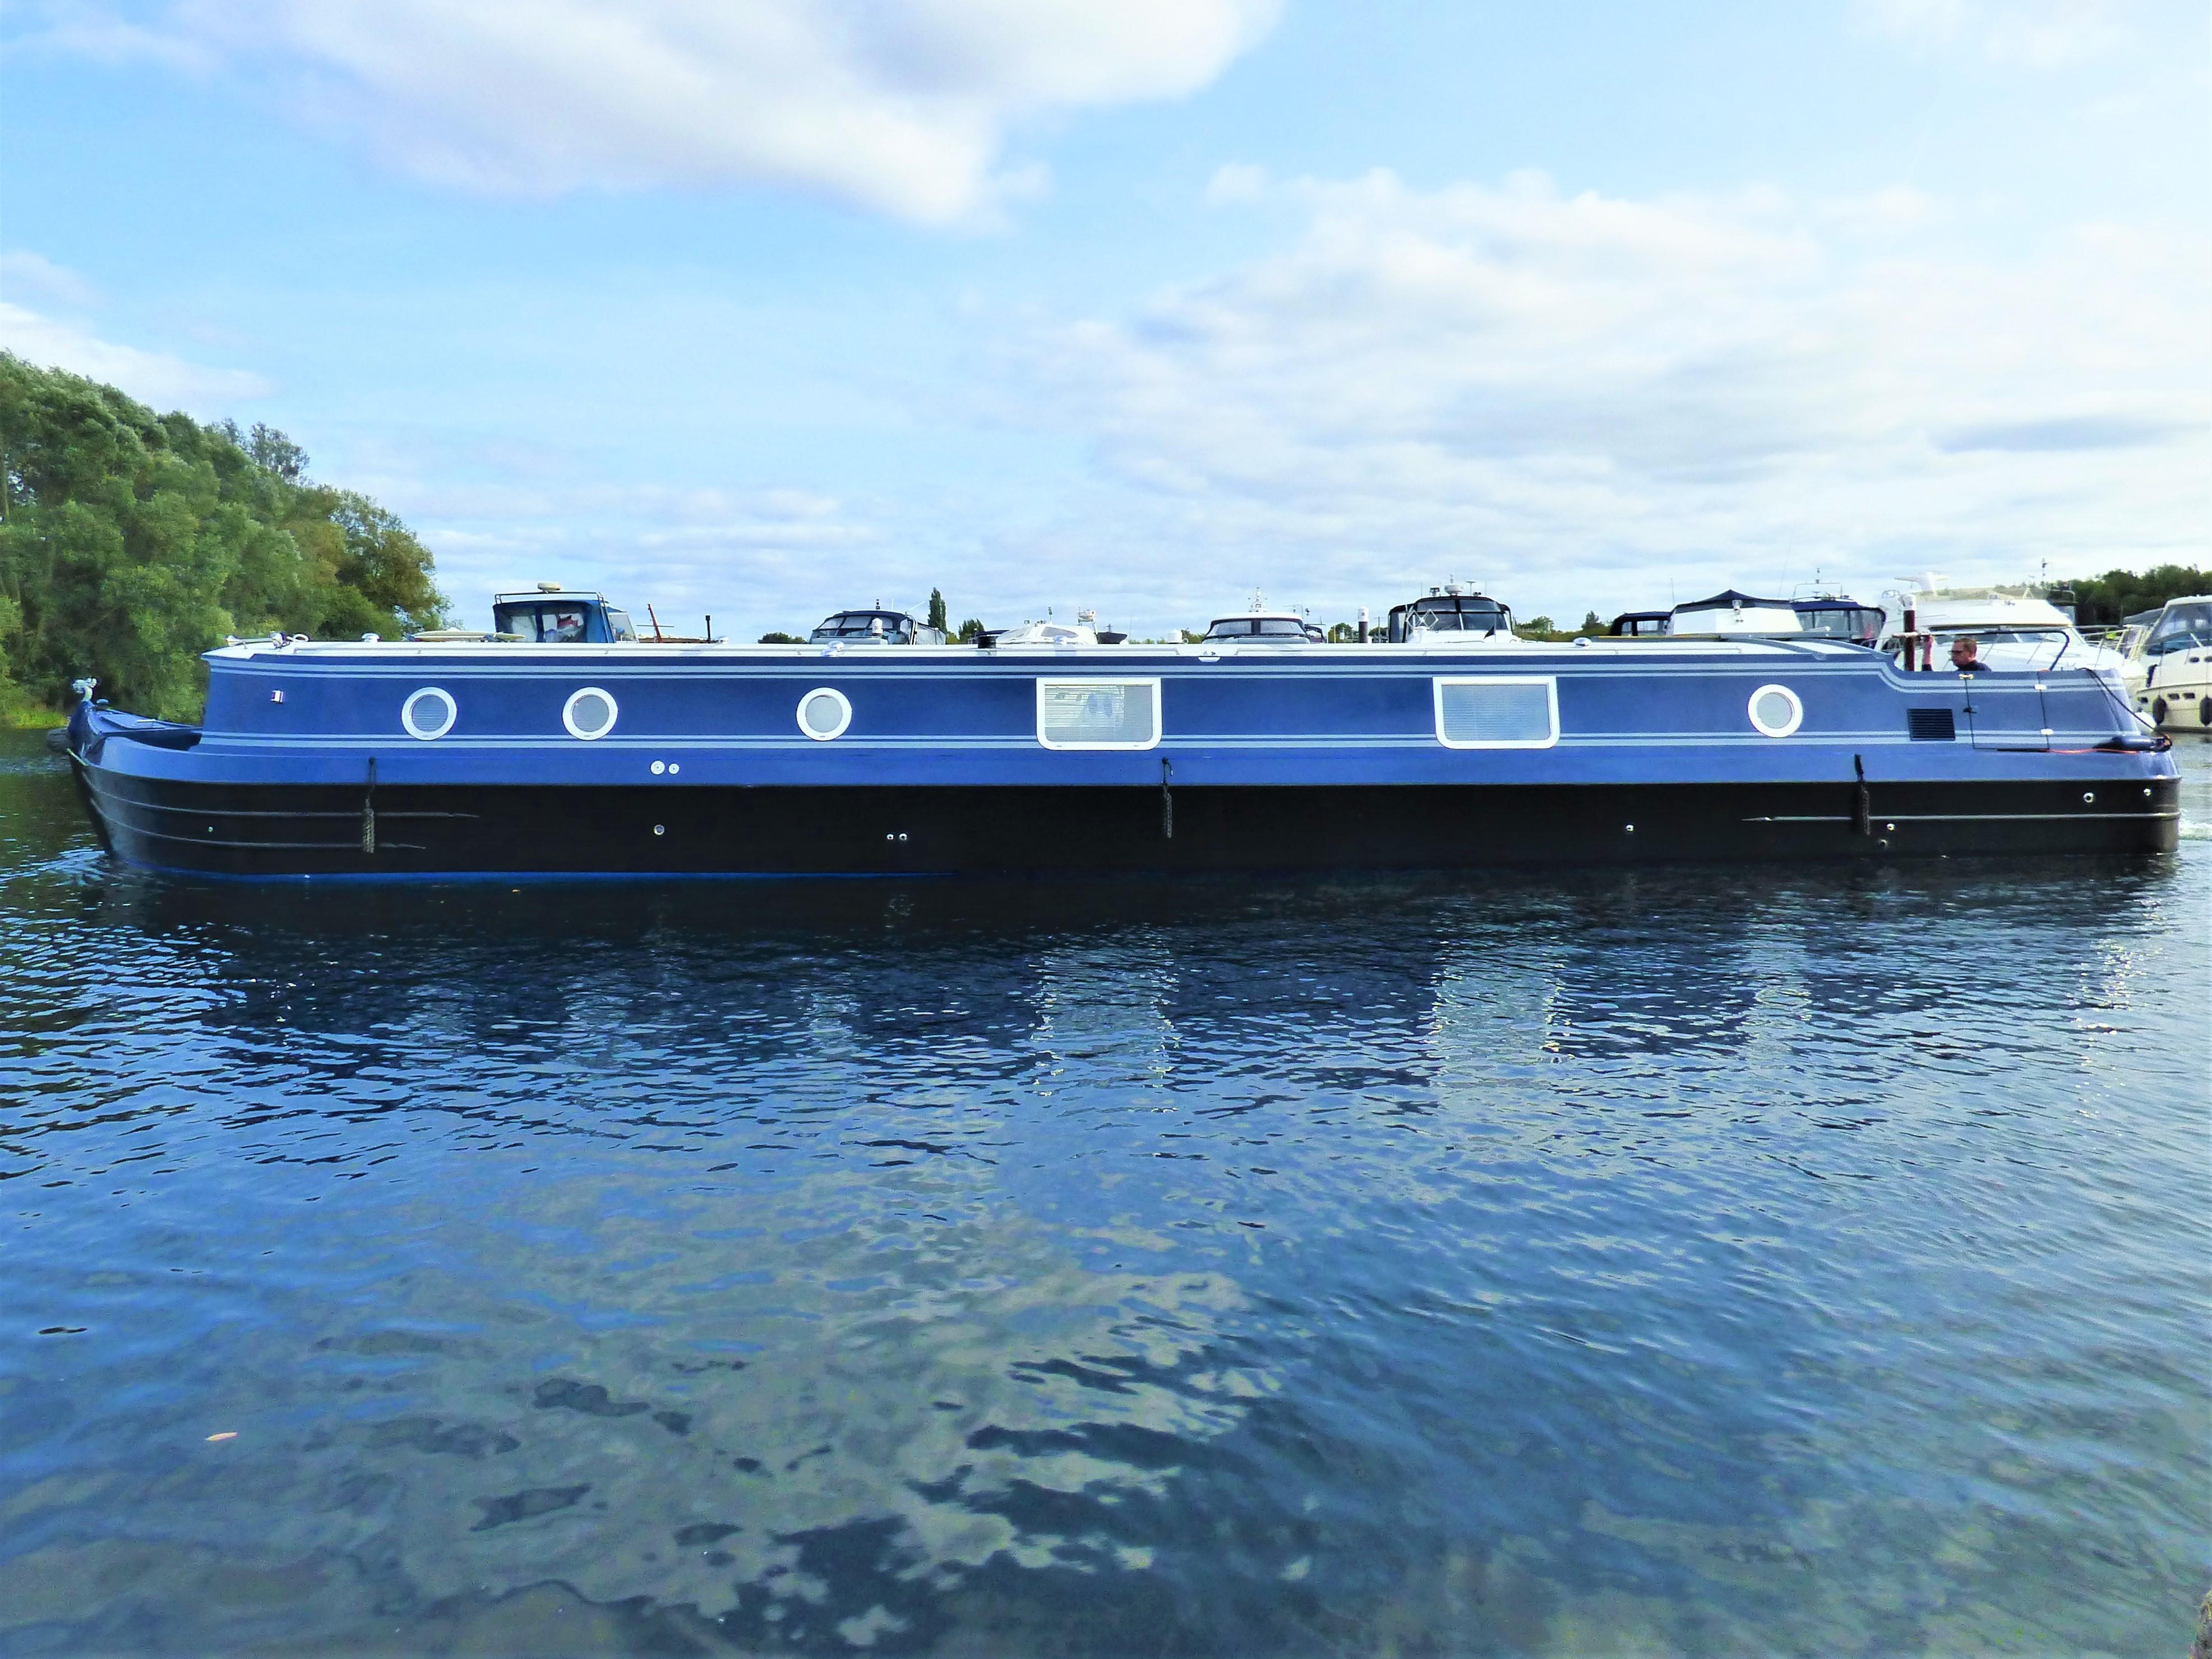 Viking Canal Boats 70 x 12 06 Widebeam Narrowboat